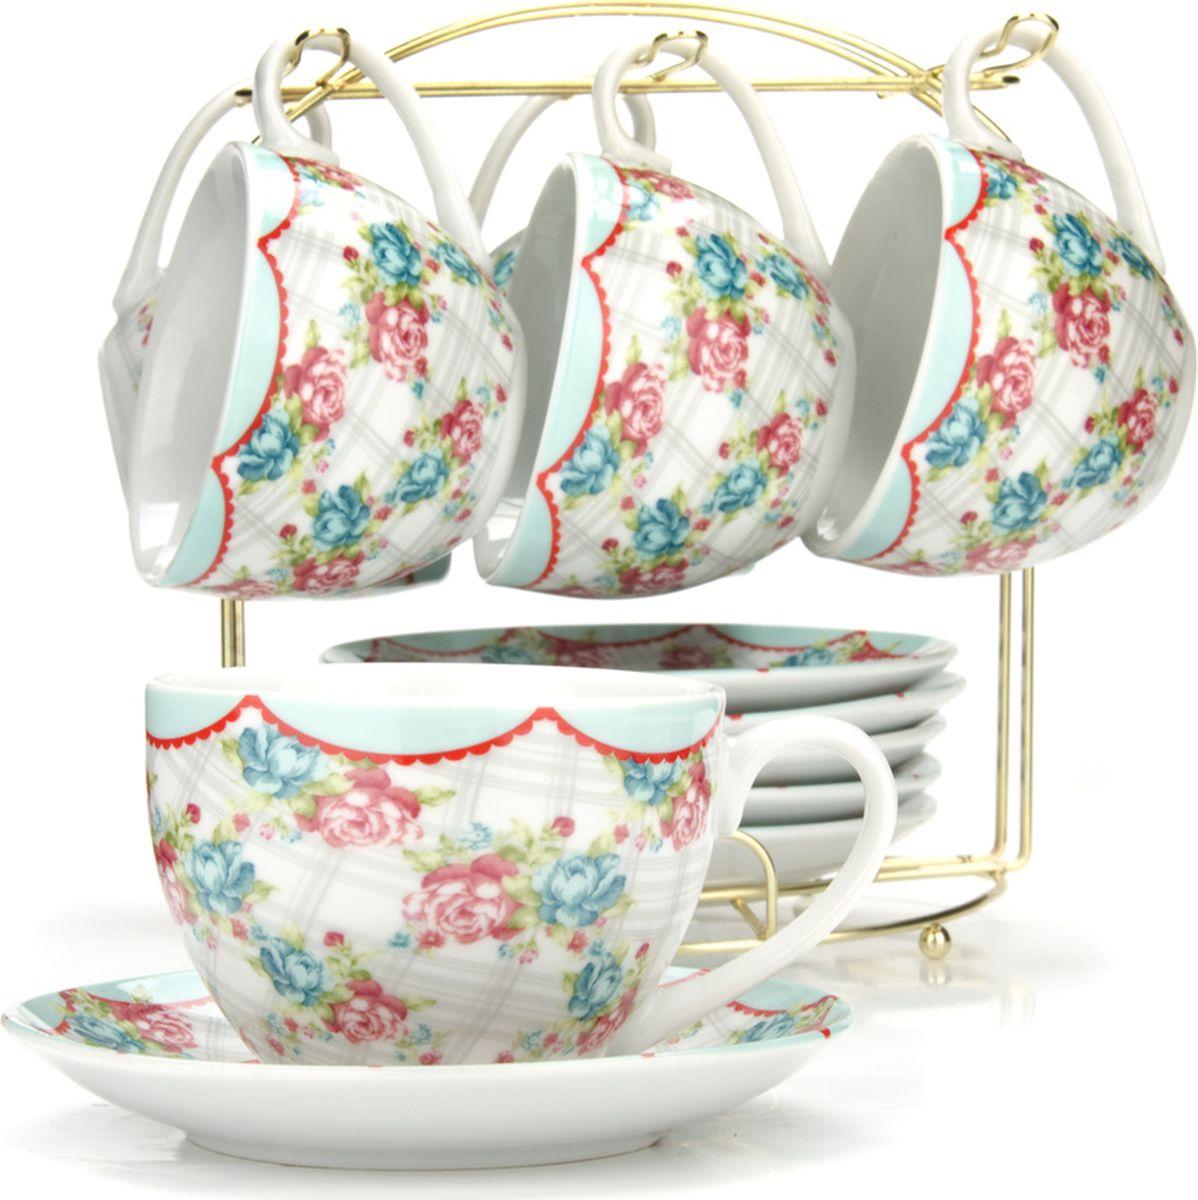 Сервиз чайный Loraine, на подставке, 13 предметов. 43299115510Чайный набор состоит из шести чашек, шести блюдец и металлической подставки золотого цвета. Предметы набора изготовлены из качественного фарфора и оформлены красочным цветным рисунком. Чайный набор идеально подойдет для сервировки стола и станет отличным подарком к любому празднику. Все изделия можно компактно хранить на подставке, входящей в набор. Подходит для мытья в посудомоечной машине.Диаметр чашки: 9 см.Высота чашки: 7 см.Объем чашки: 220 мл.Диаметр блюдца: 14 см.